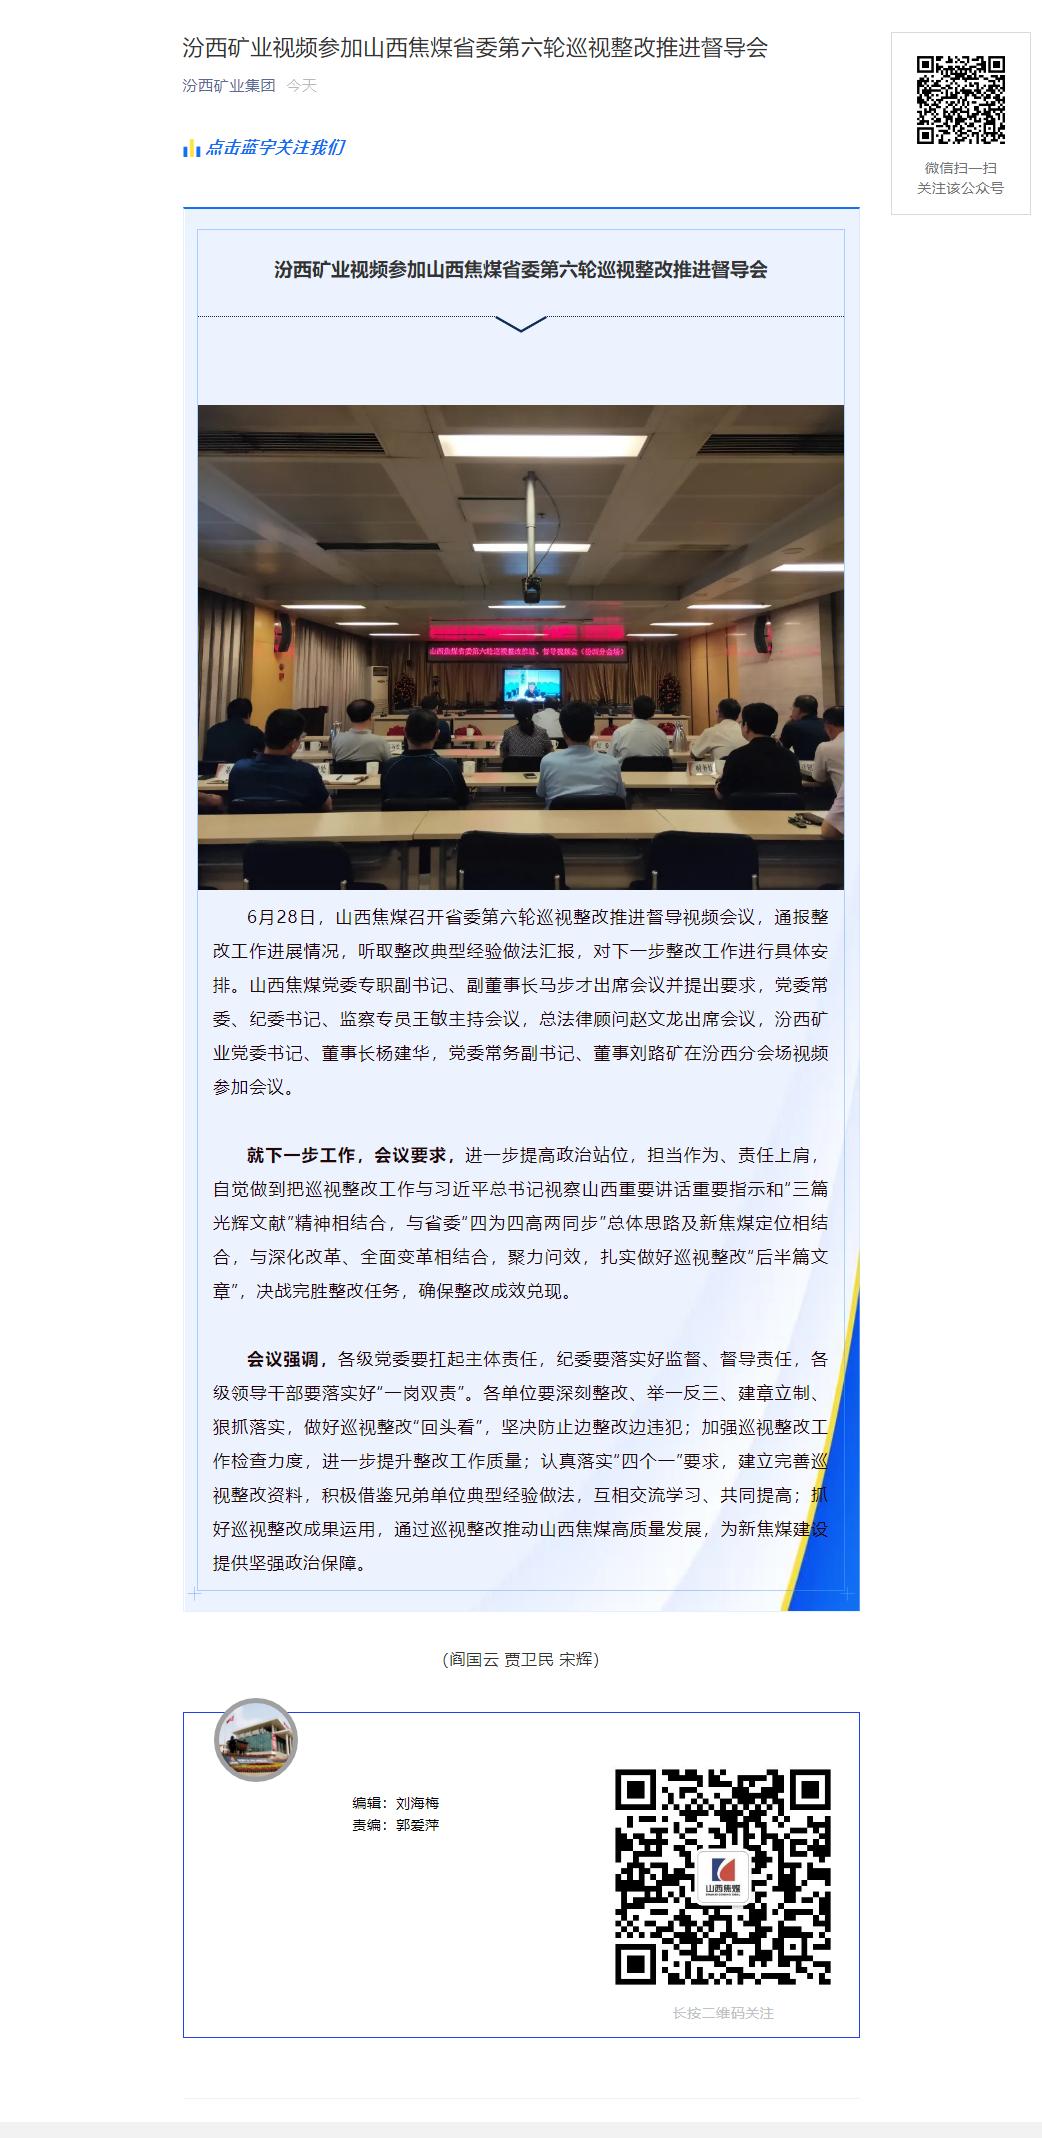 汾西矿业视频参加山西焦煤省委第六轮巡视整改推进督导会.png